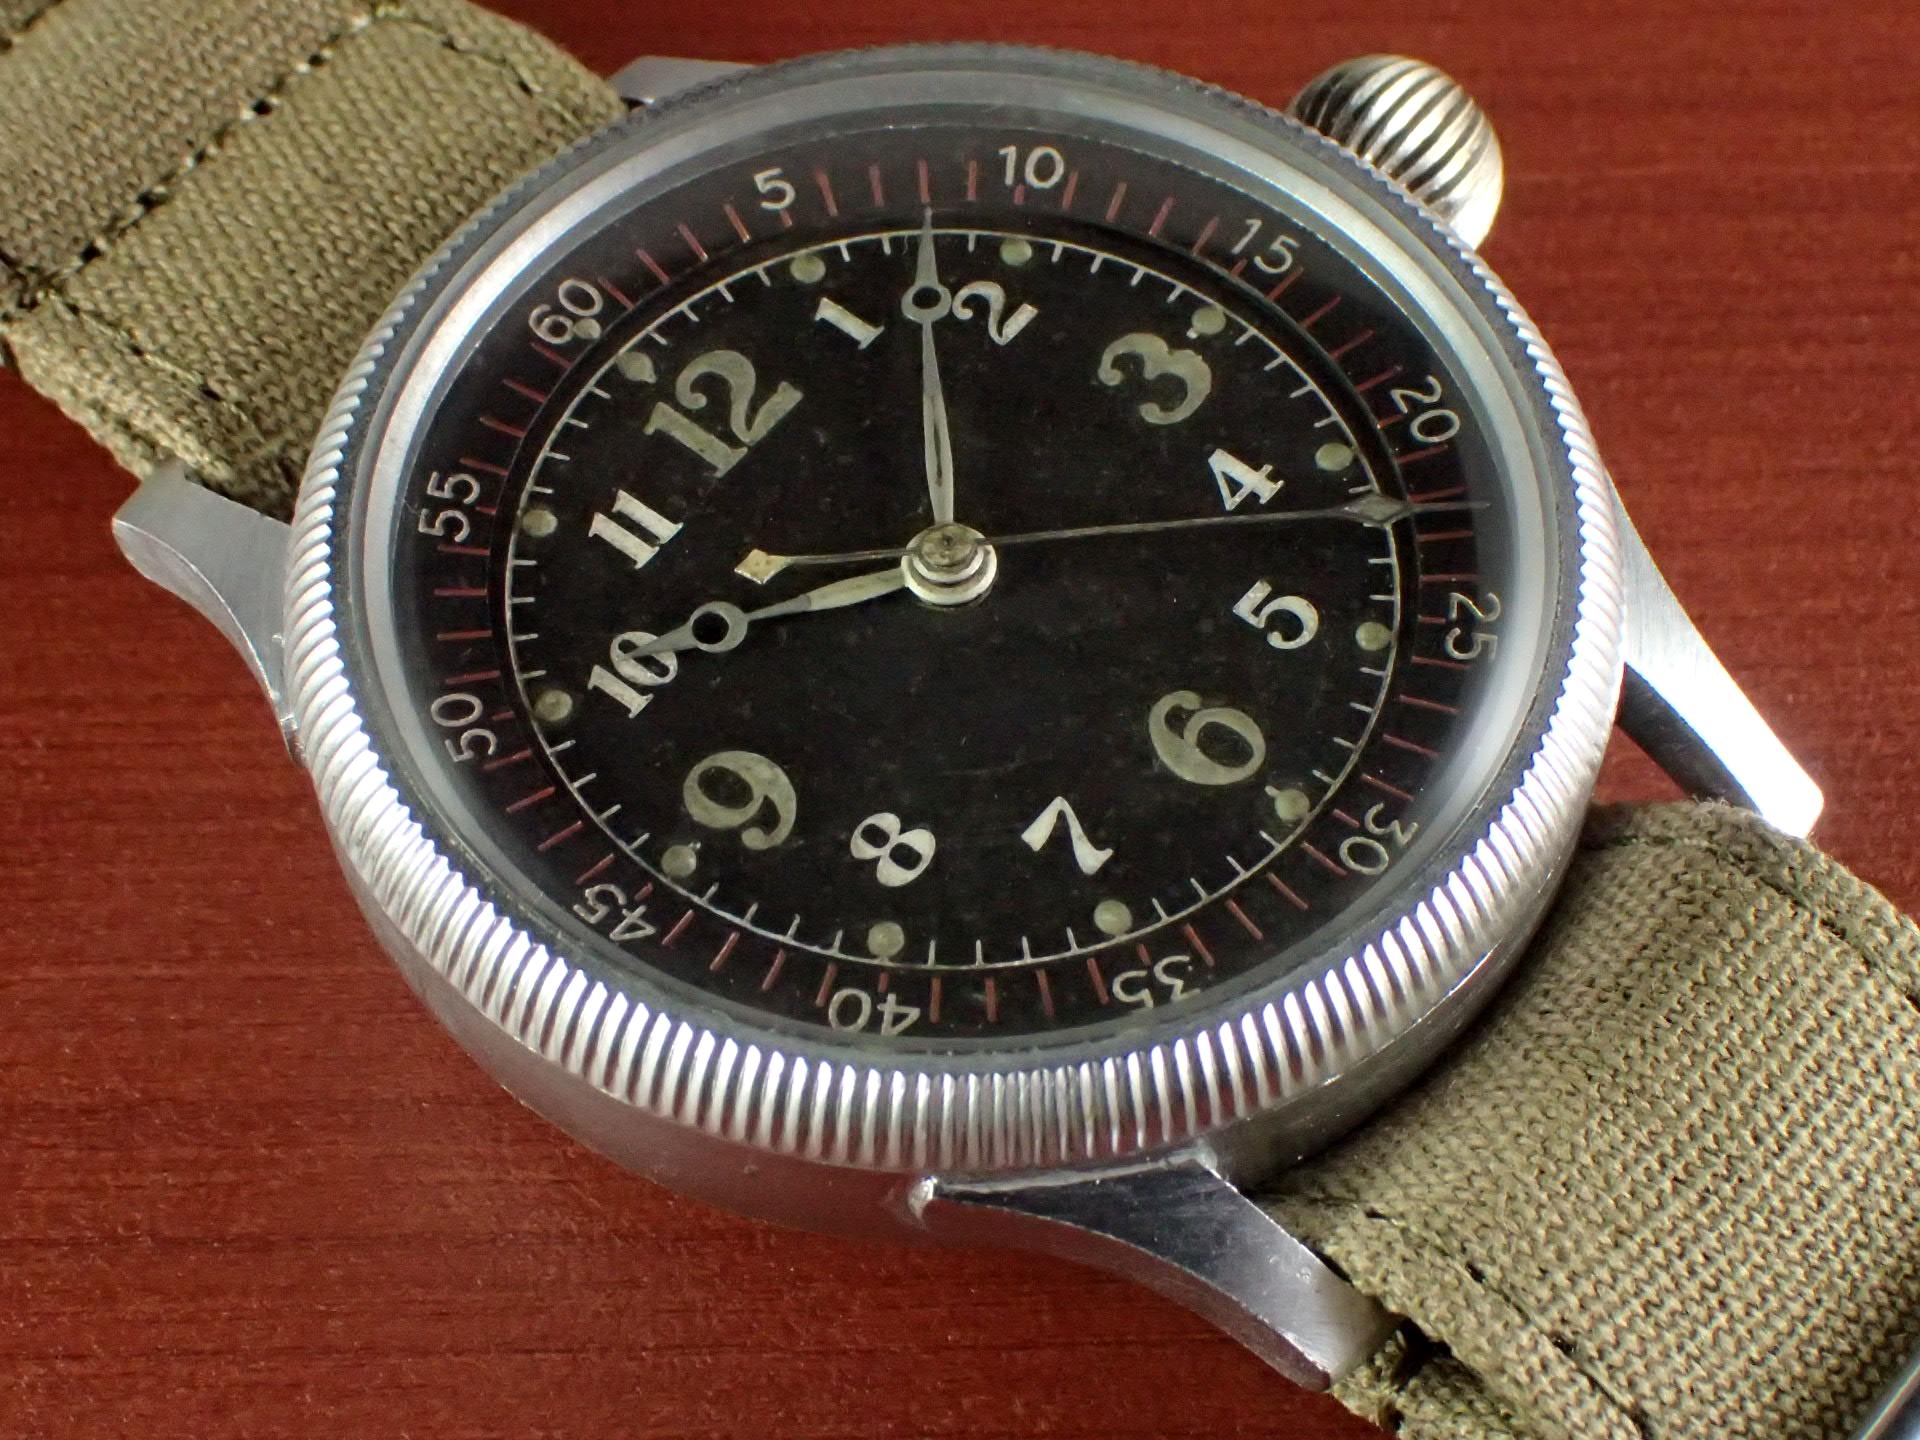 精工舎 旧日本海軍航空隊 天測時計 太平洋戦争 1940年代のメイン写真